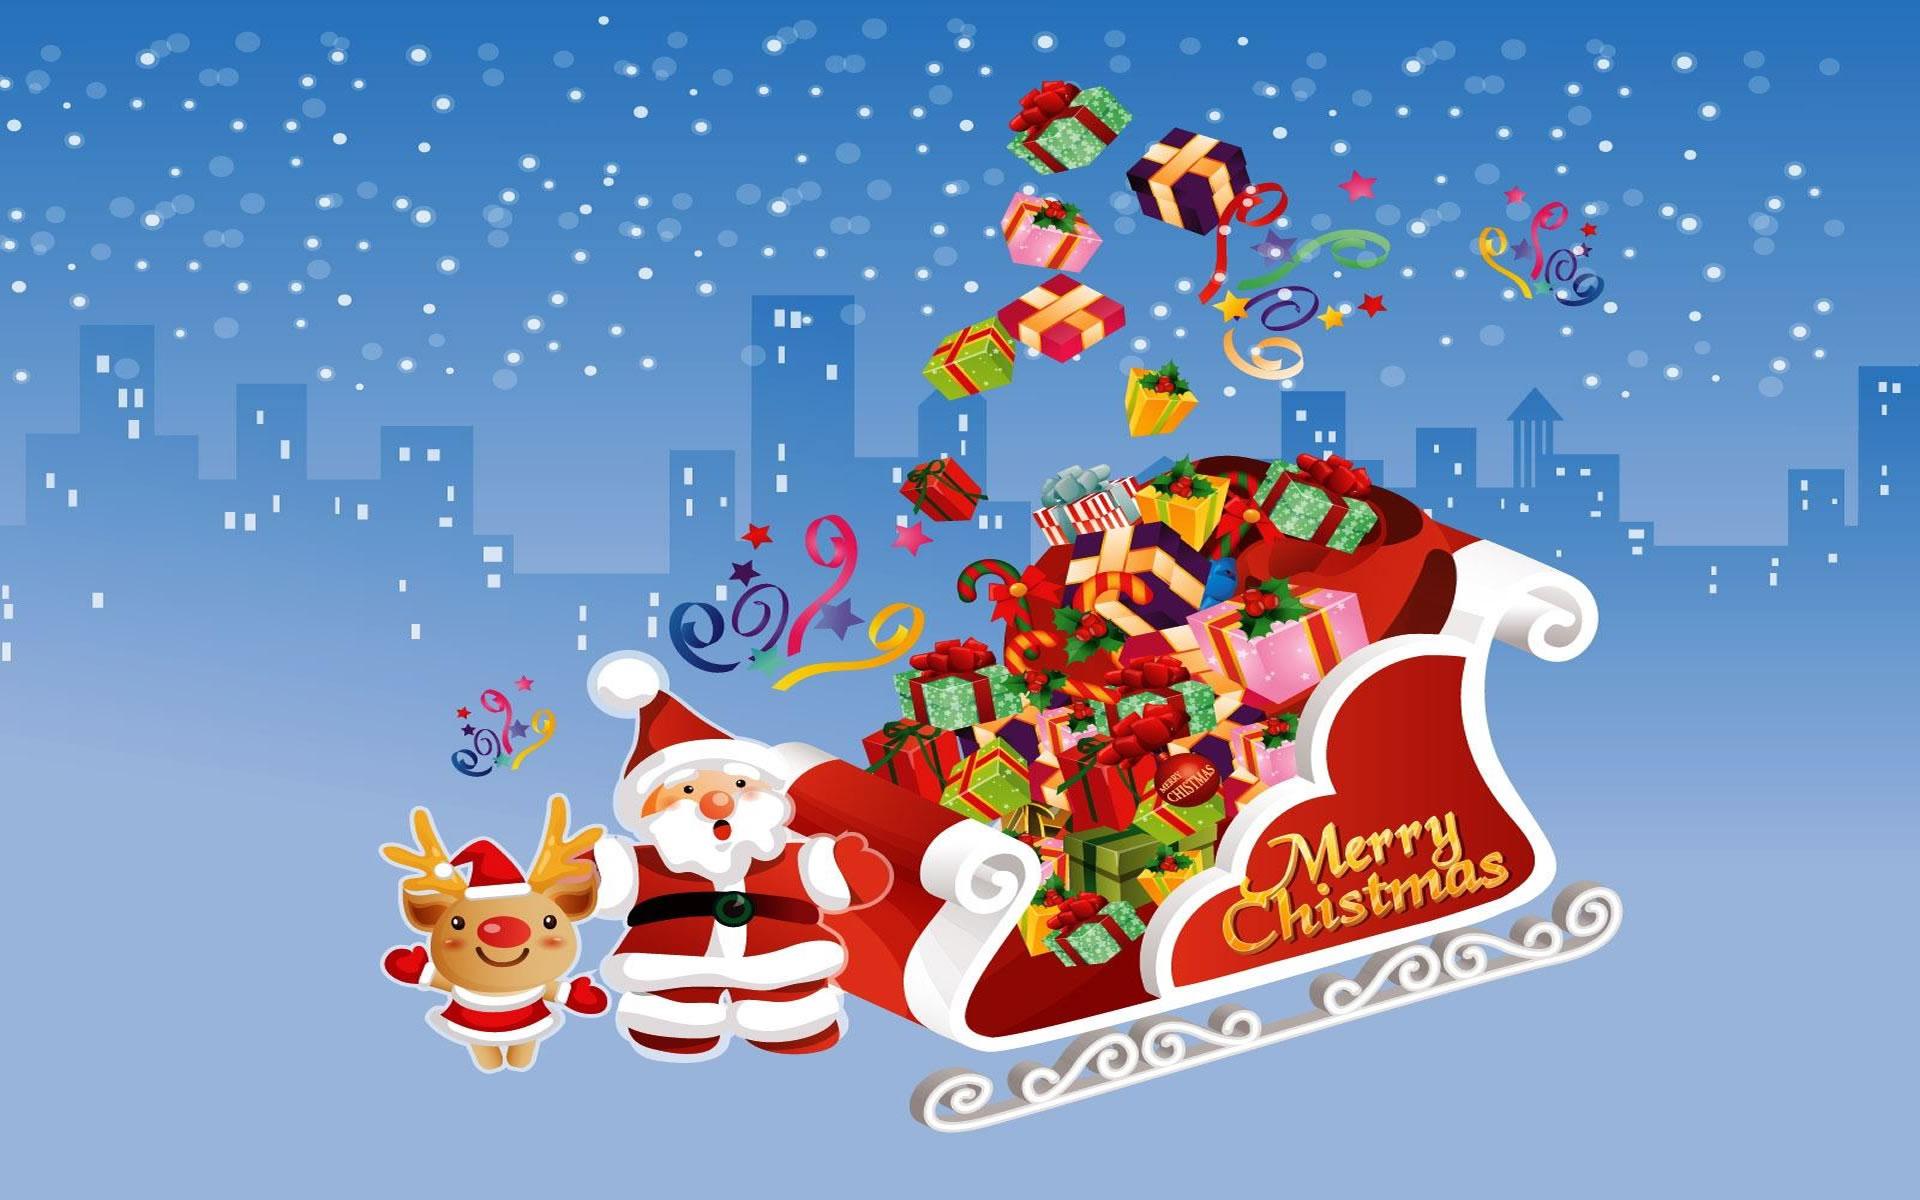 Fondo Navidad 2014 Santa Claus y Rudolph